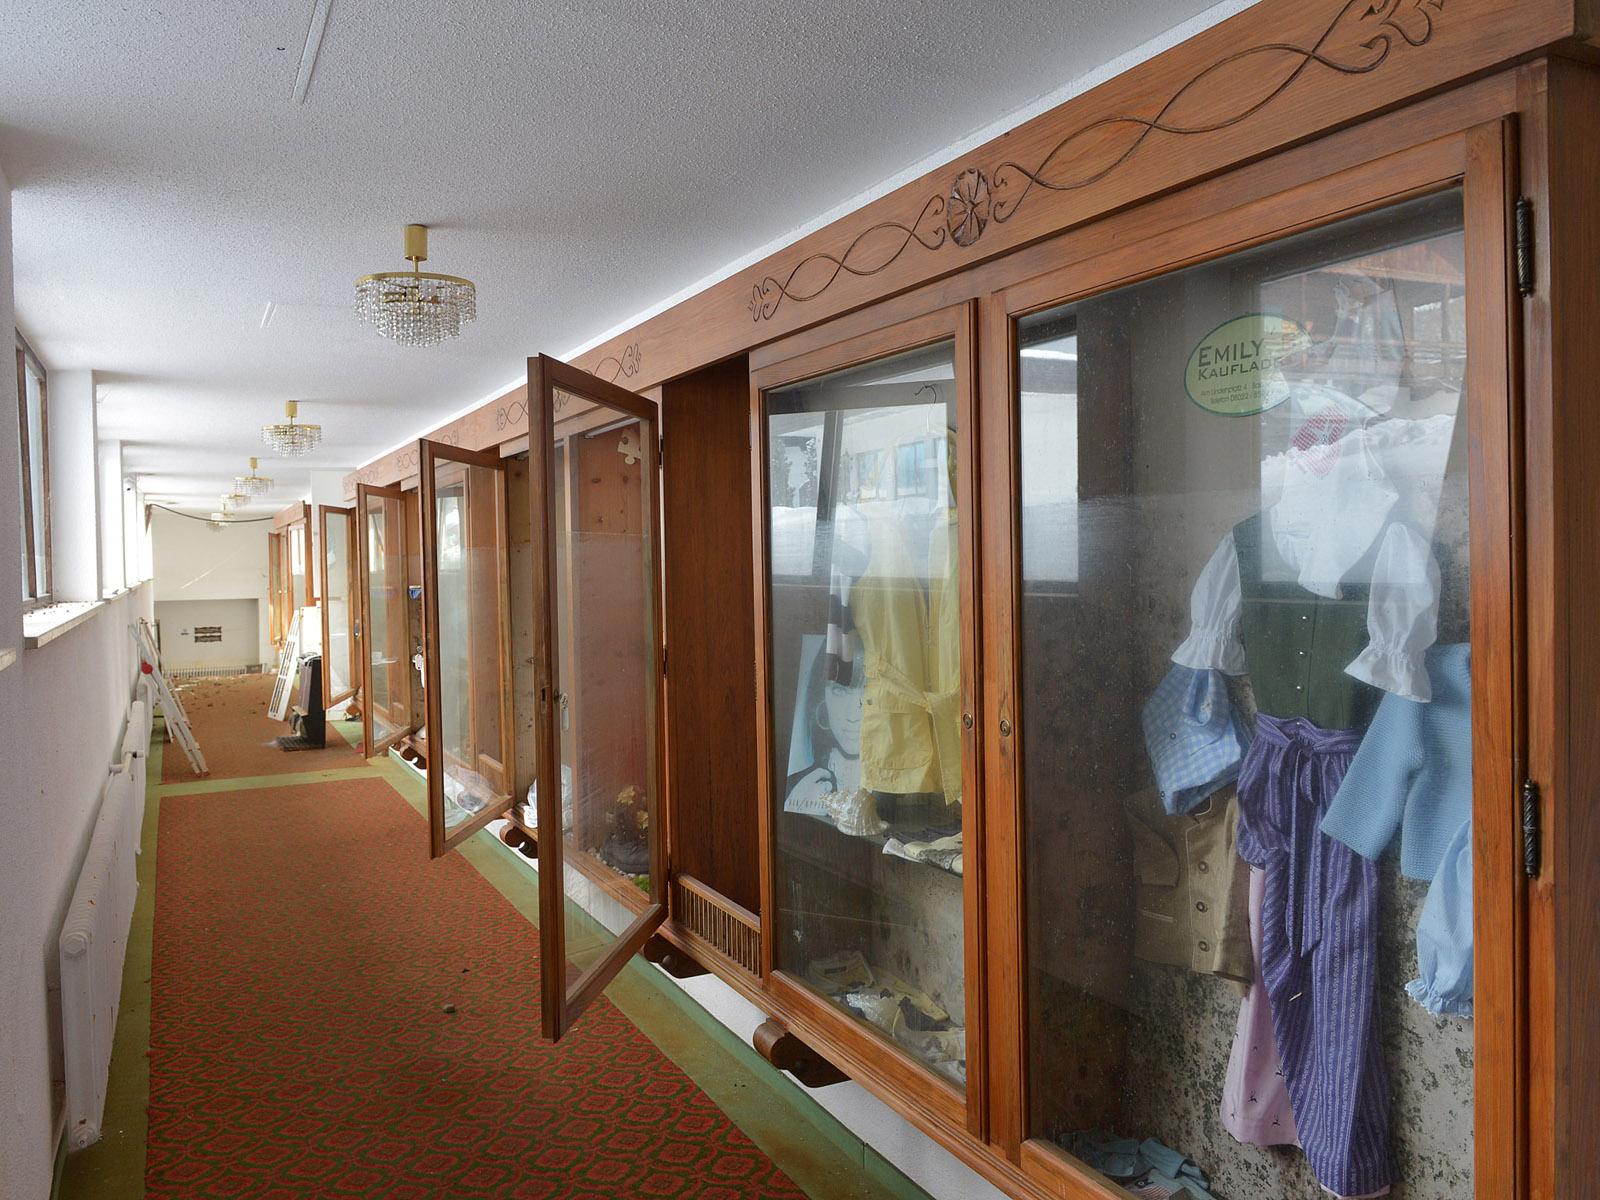 Geisterhotel Am Tegernsee Fruherer Besitzer Kampft Gegen Abriss